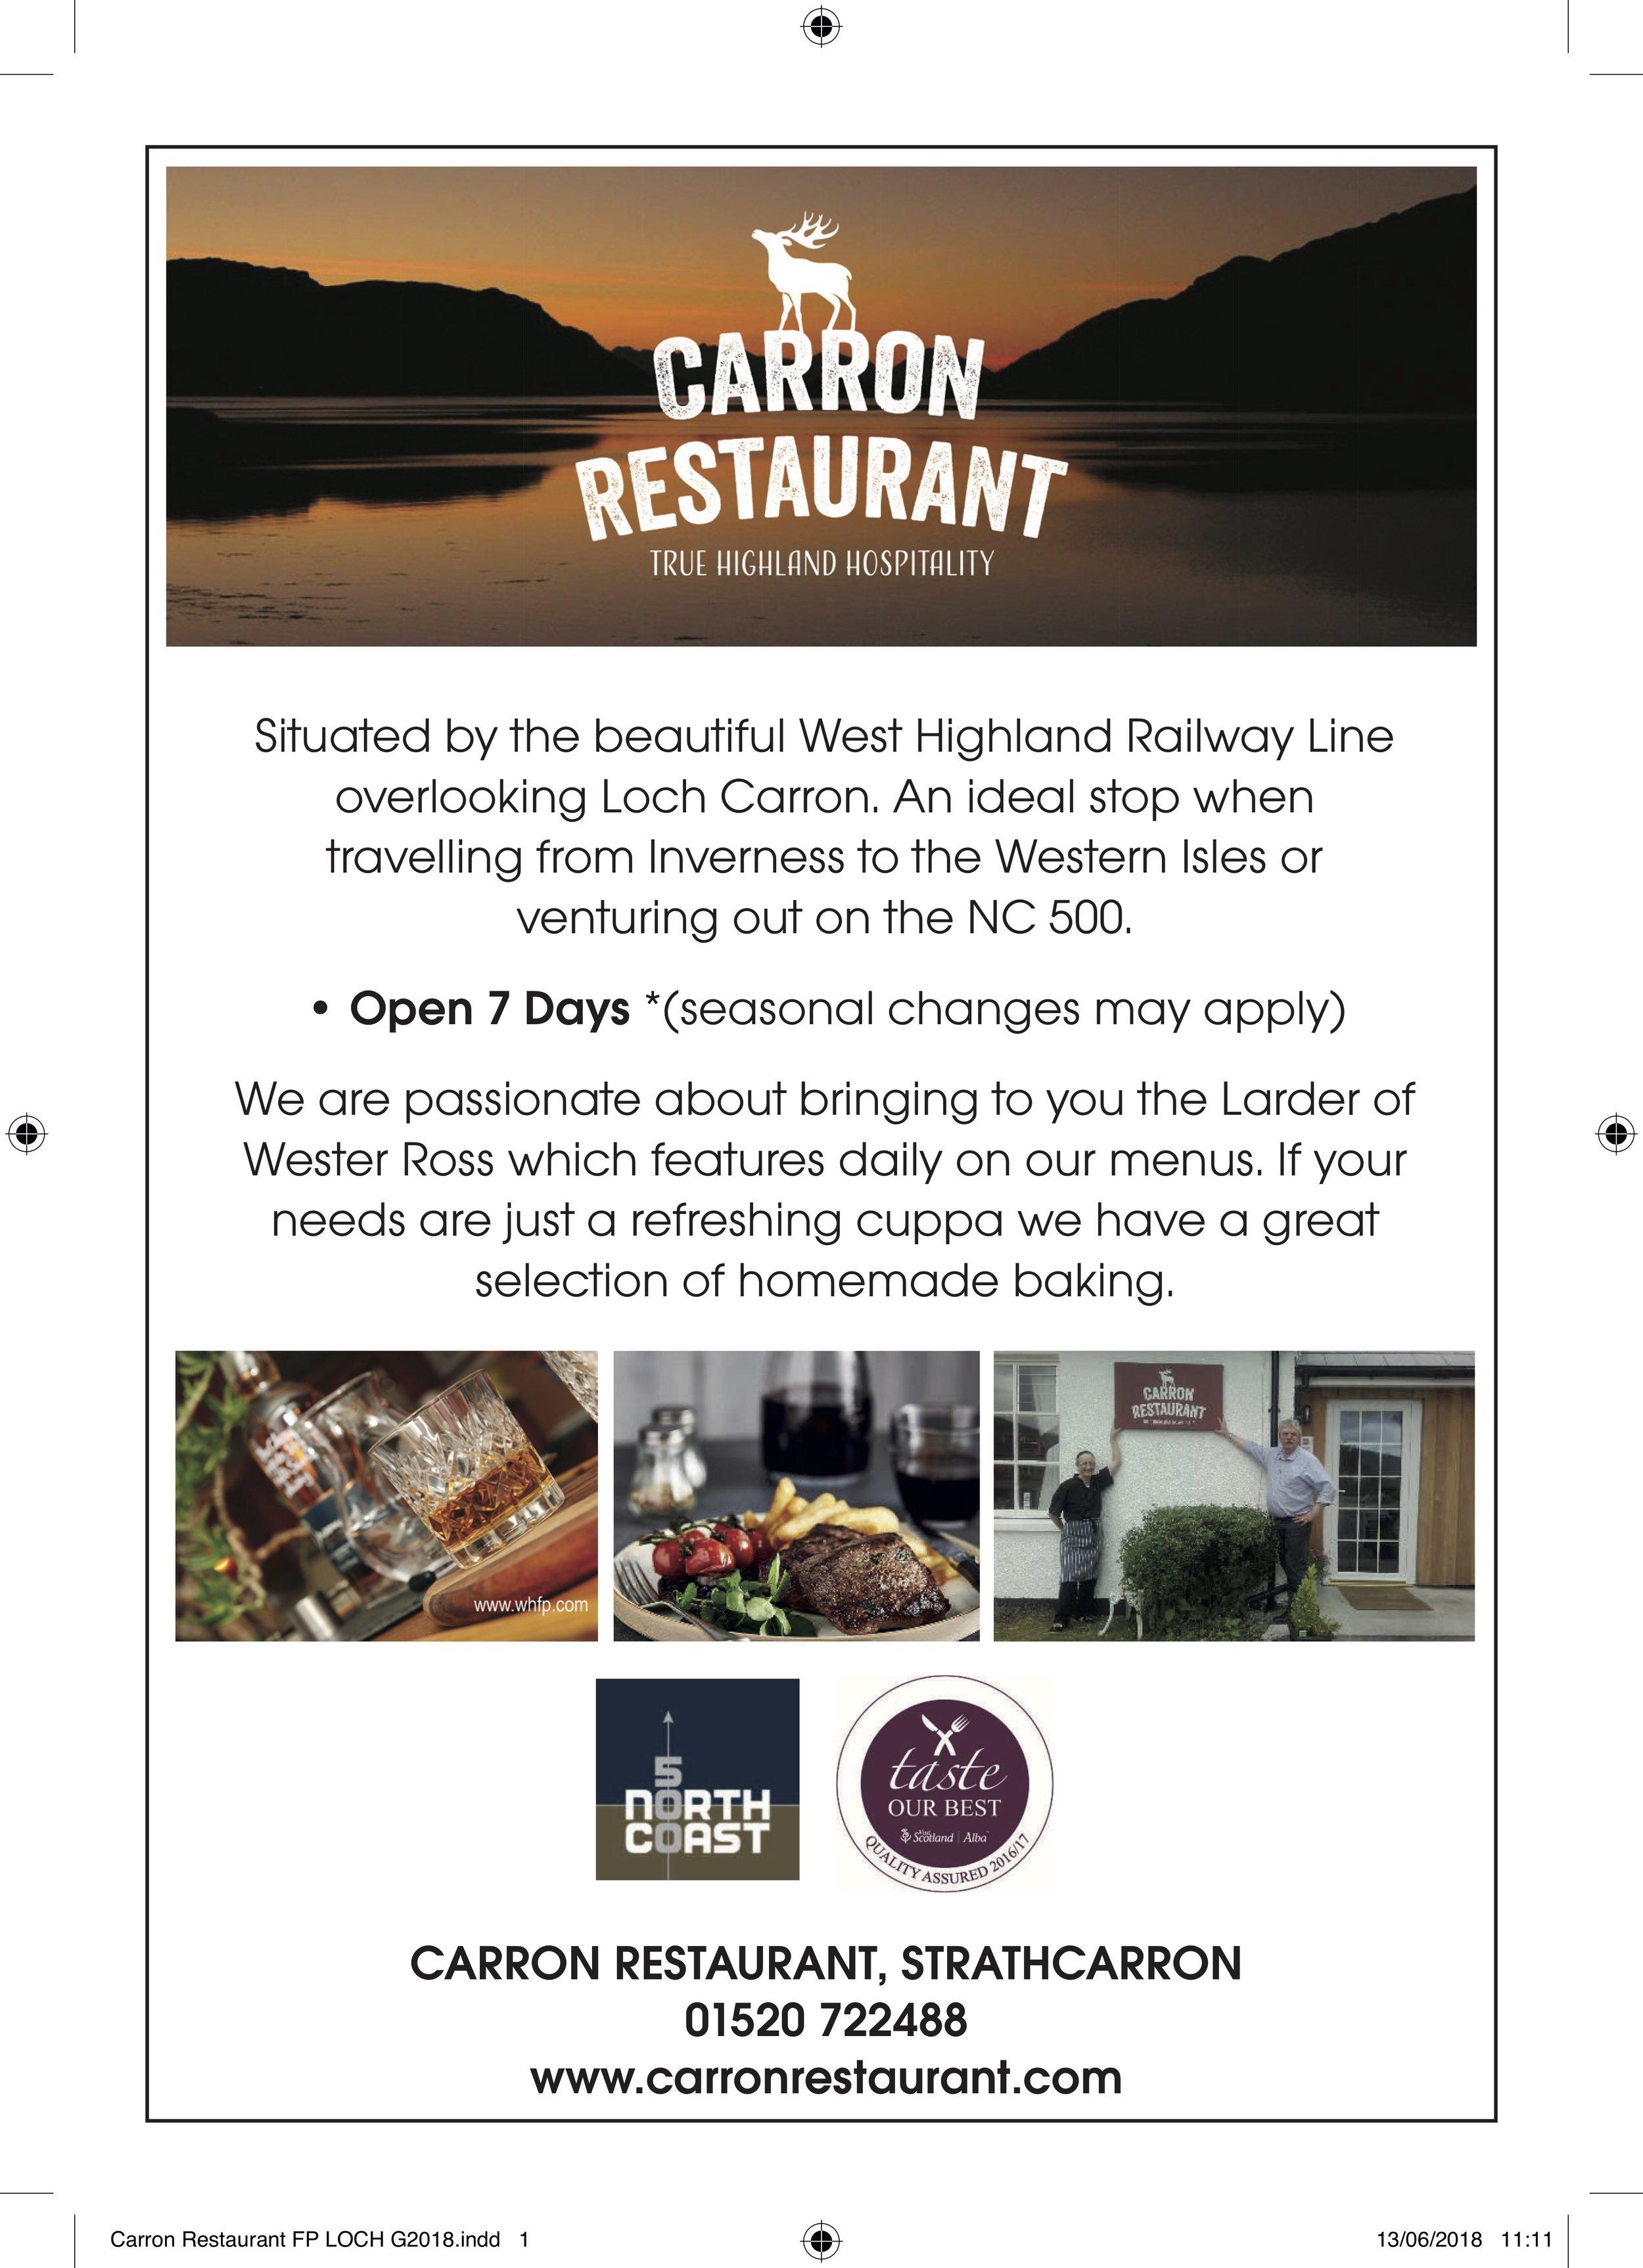 Carron Restaurant FP LOCH G2018.jpg